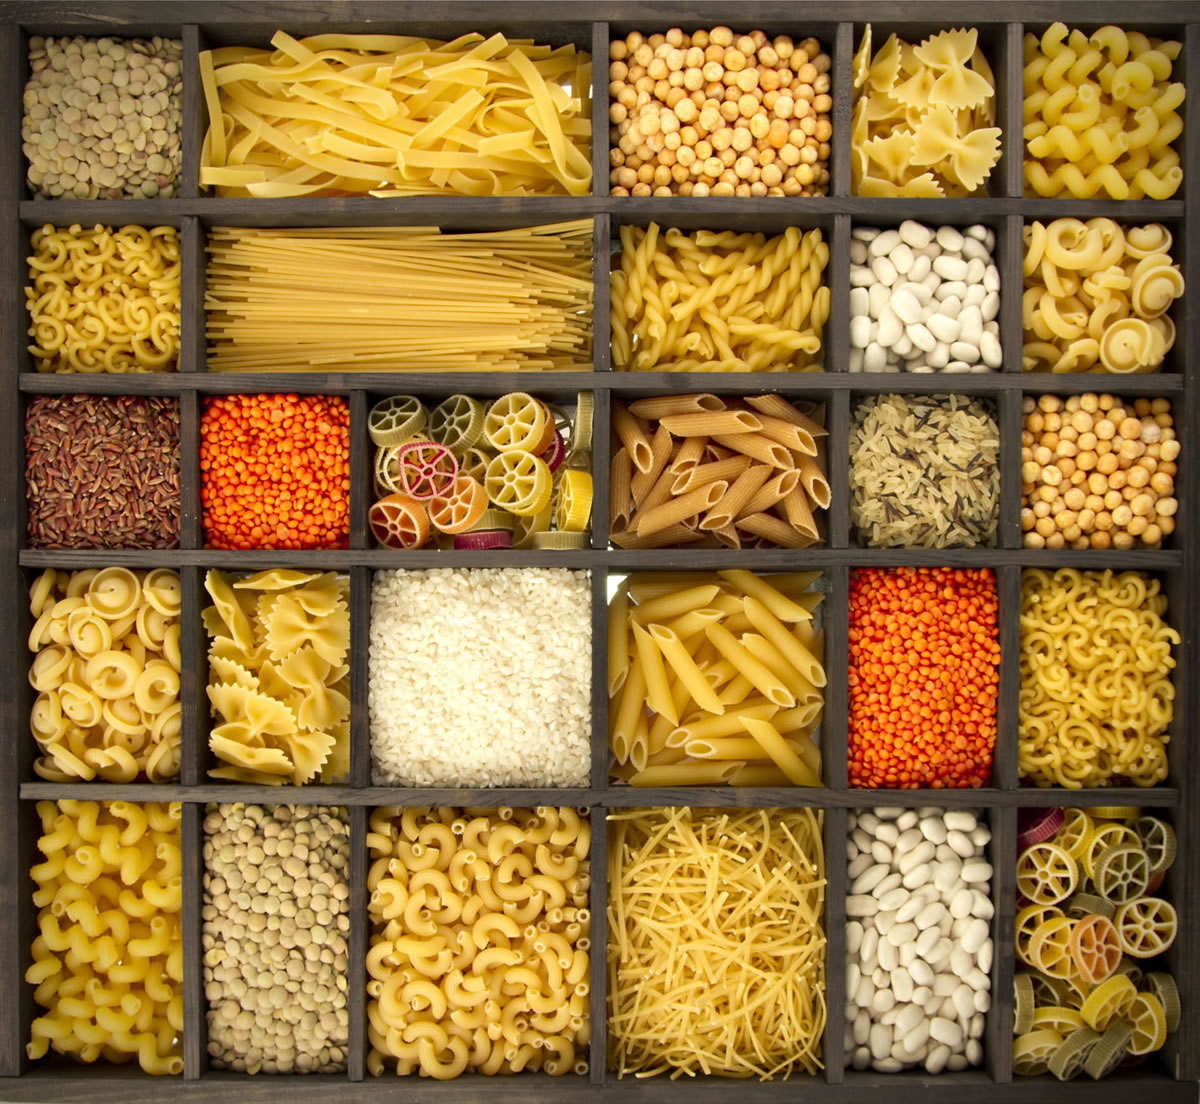 Gioco penitenza per l 39 addio al nubilato - Diversi tipi di pasta ...